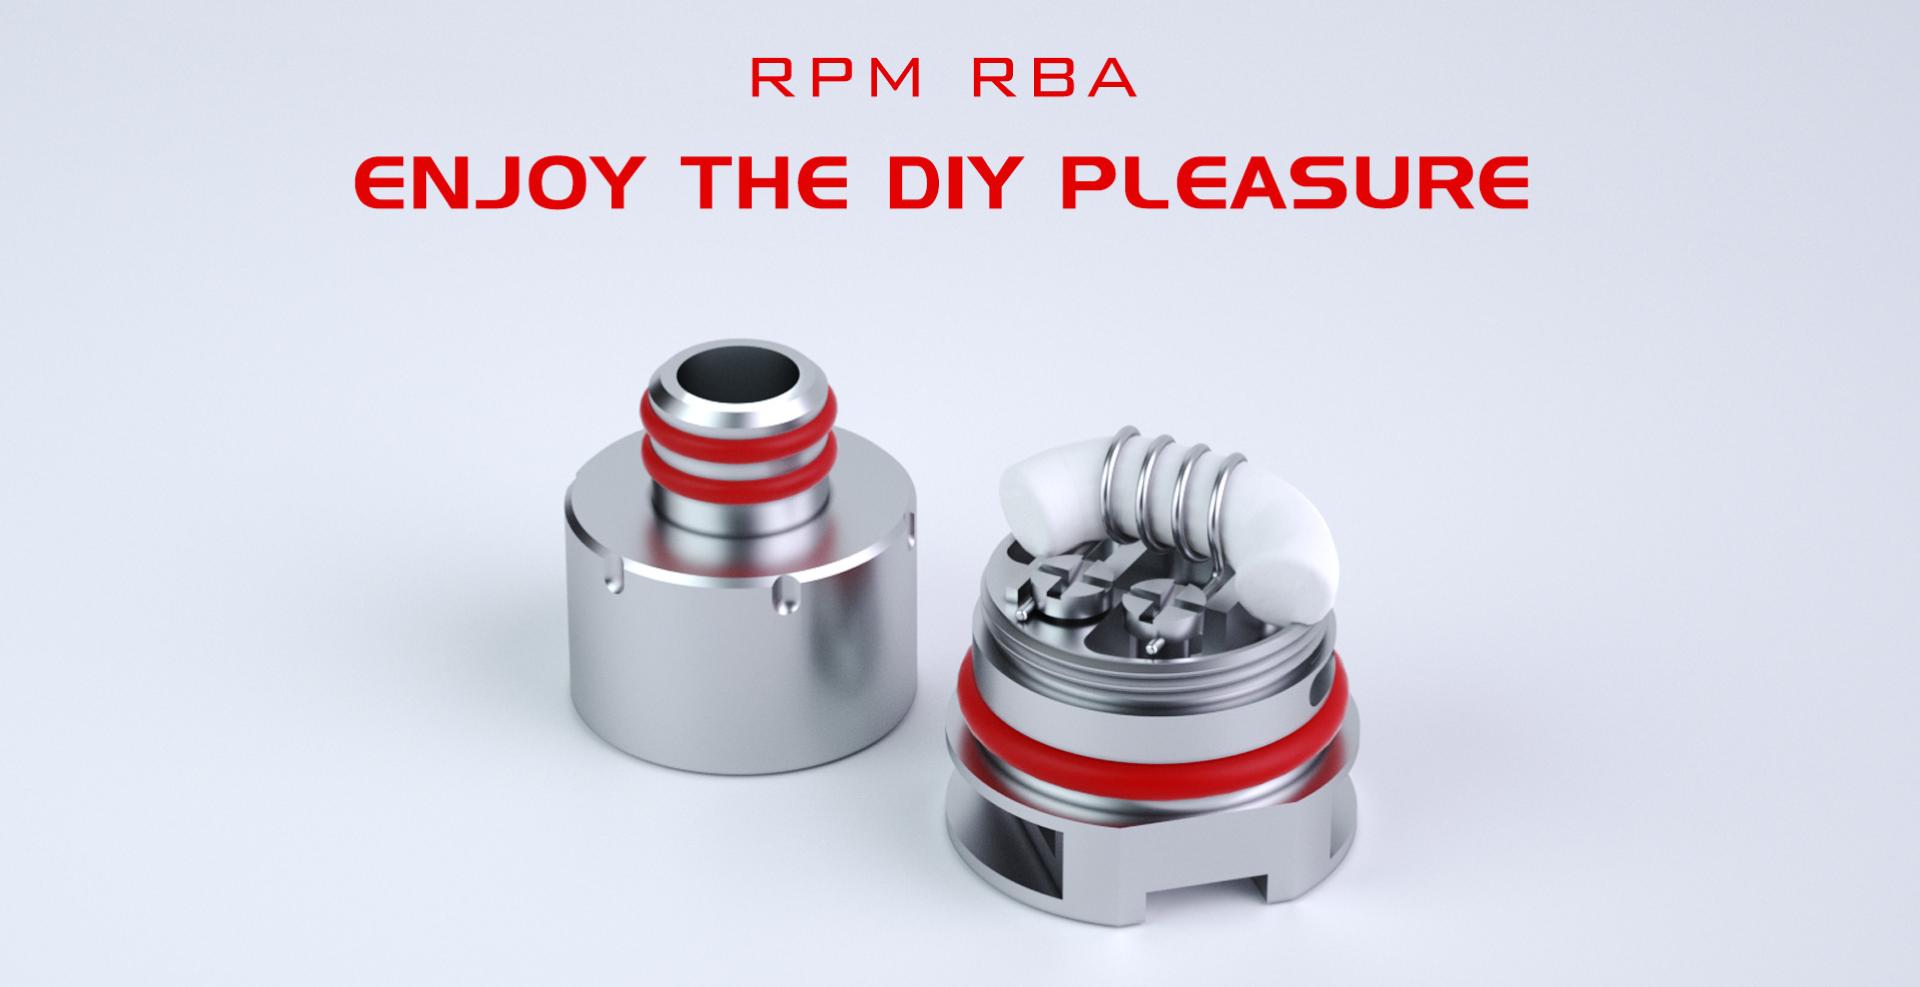 RPM RBA for Your SMOK RPM40